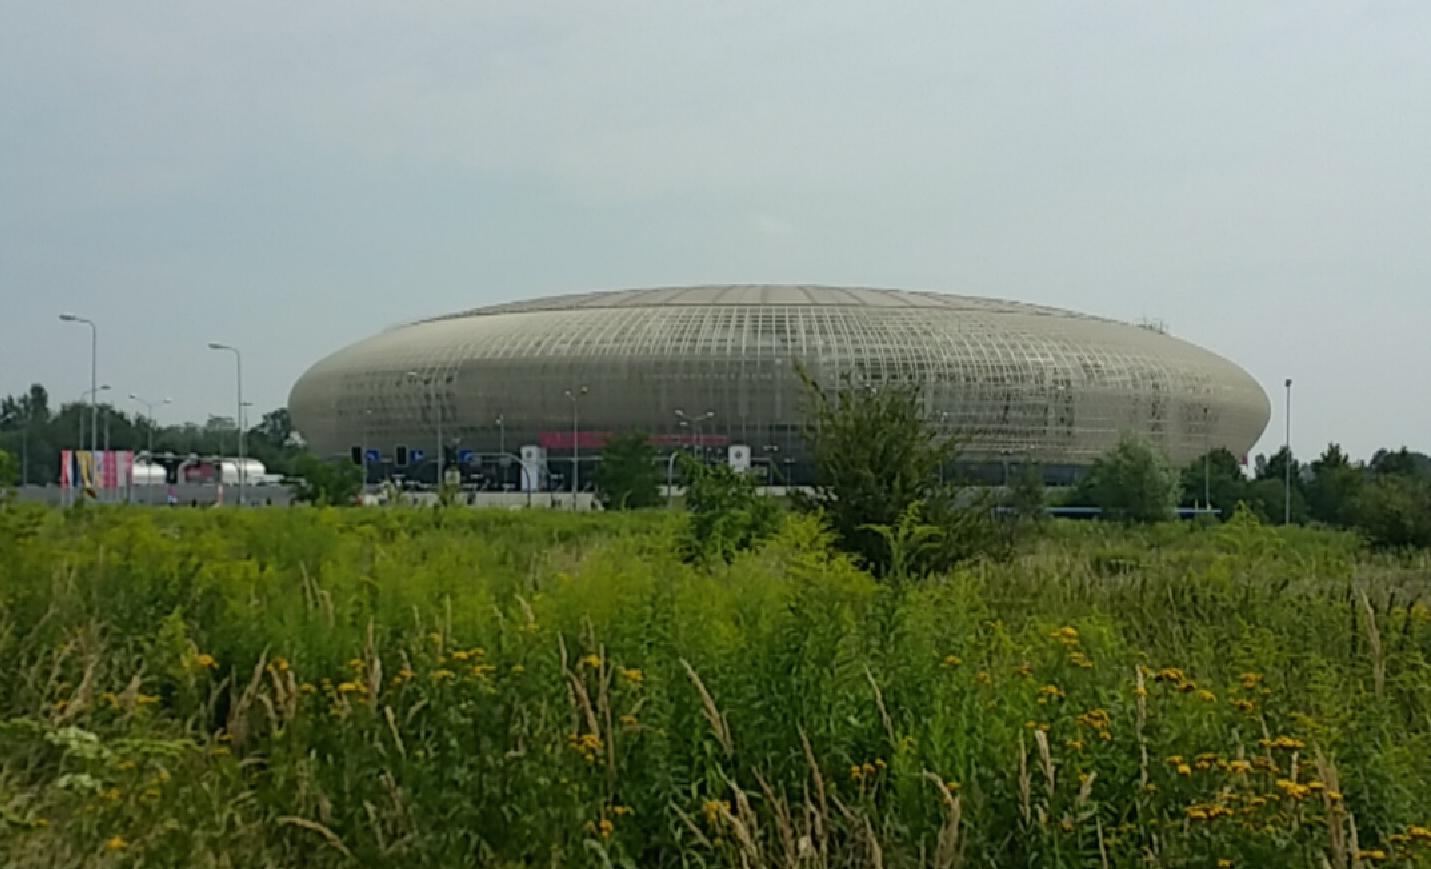 https://i1.wp.com/troubadour.francis.edu/wp-content/uploads/2016/07/Blog-4-cropped-Krakow-arena-.jpg